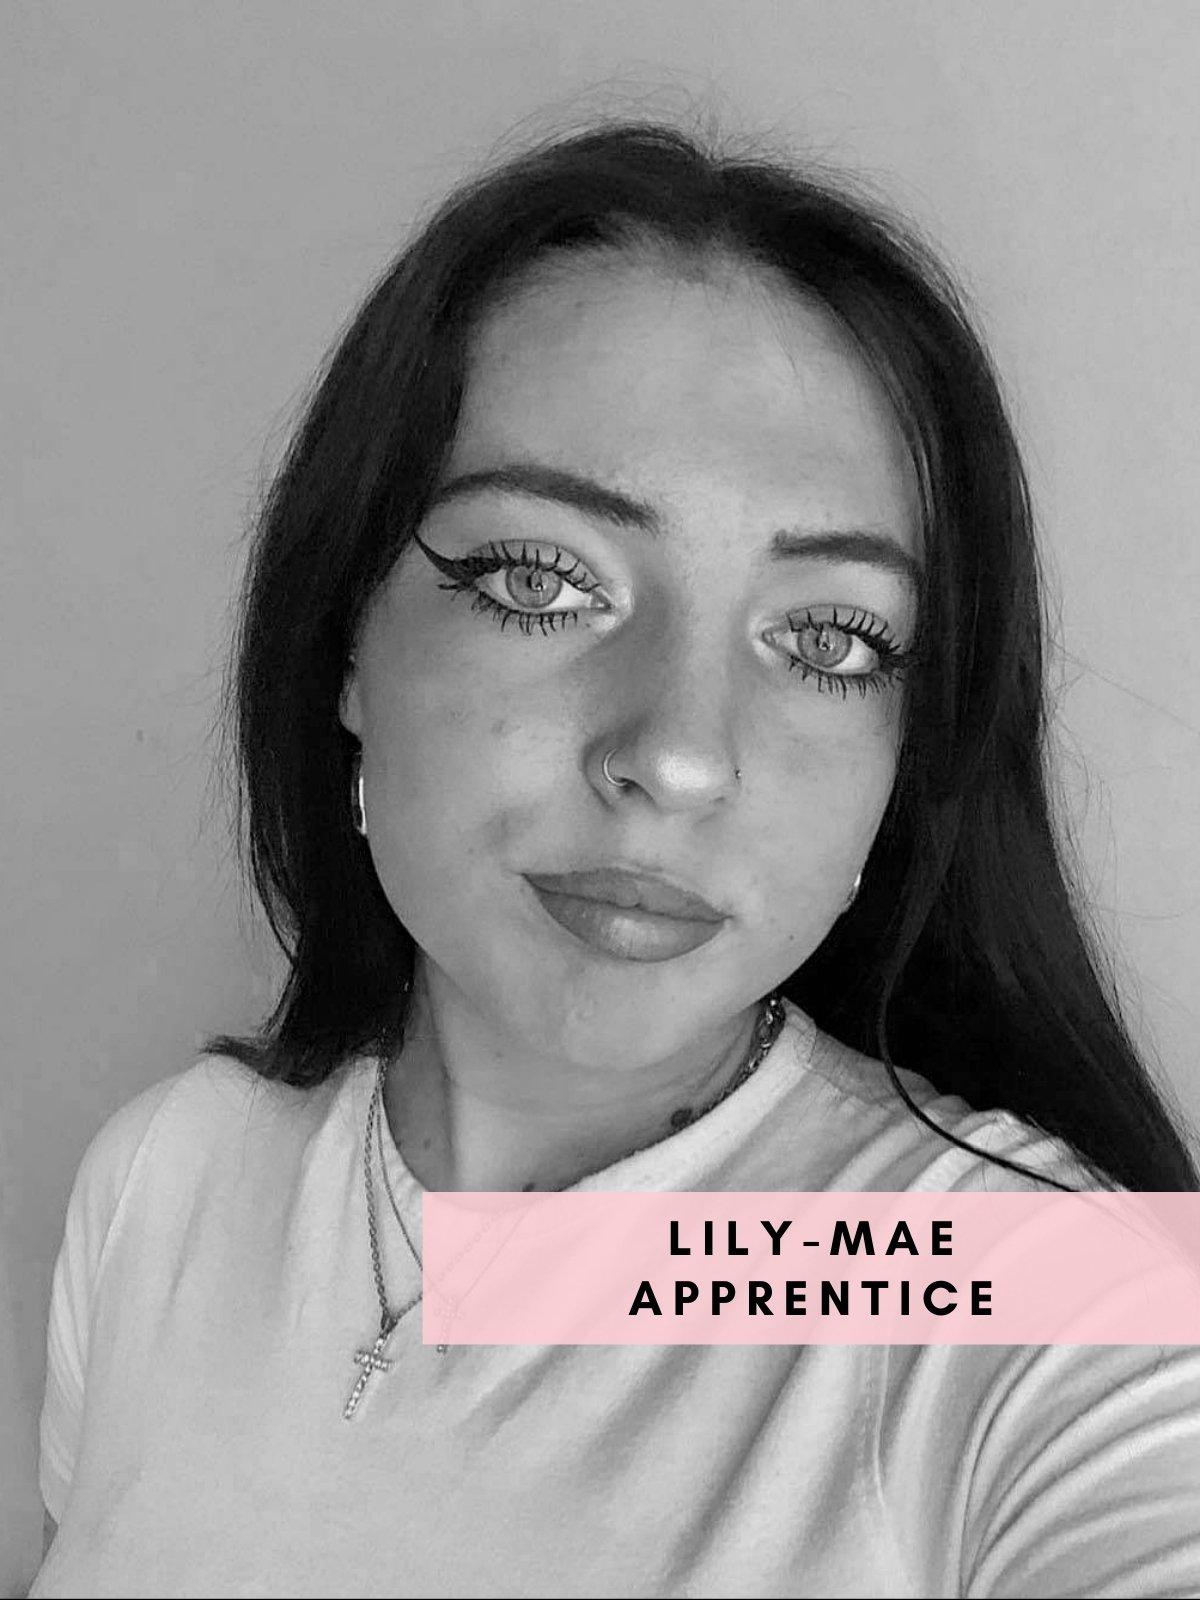 Lily-Mae – Apprentice